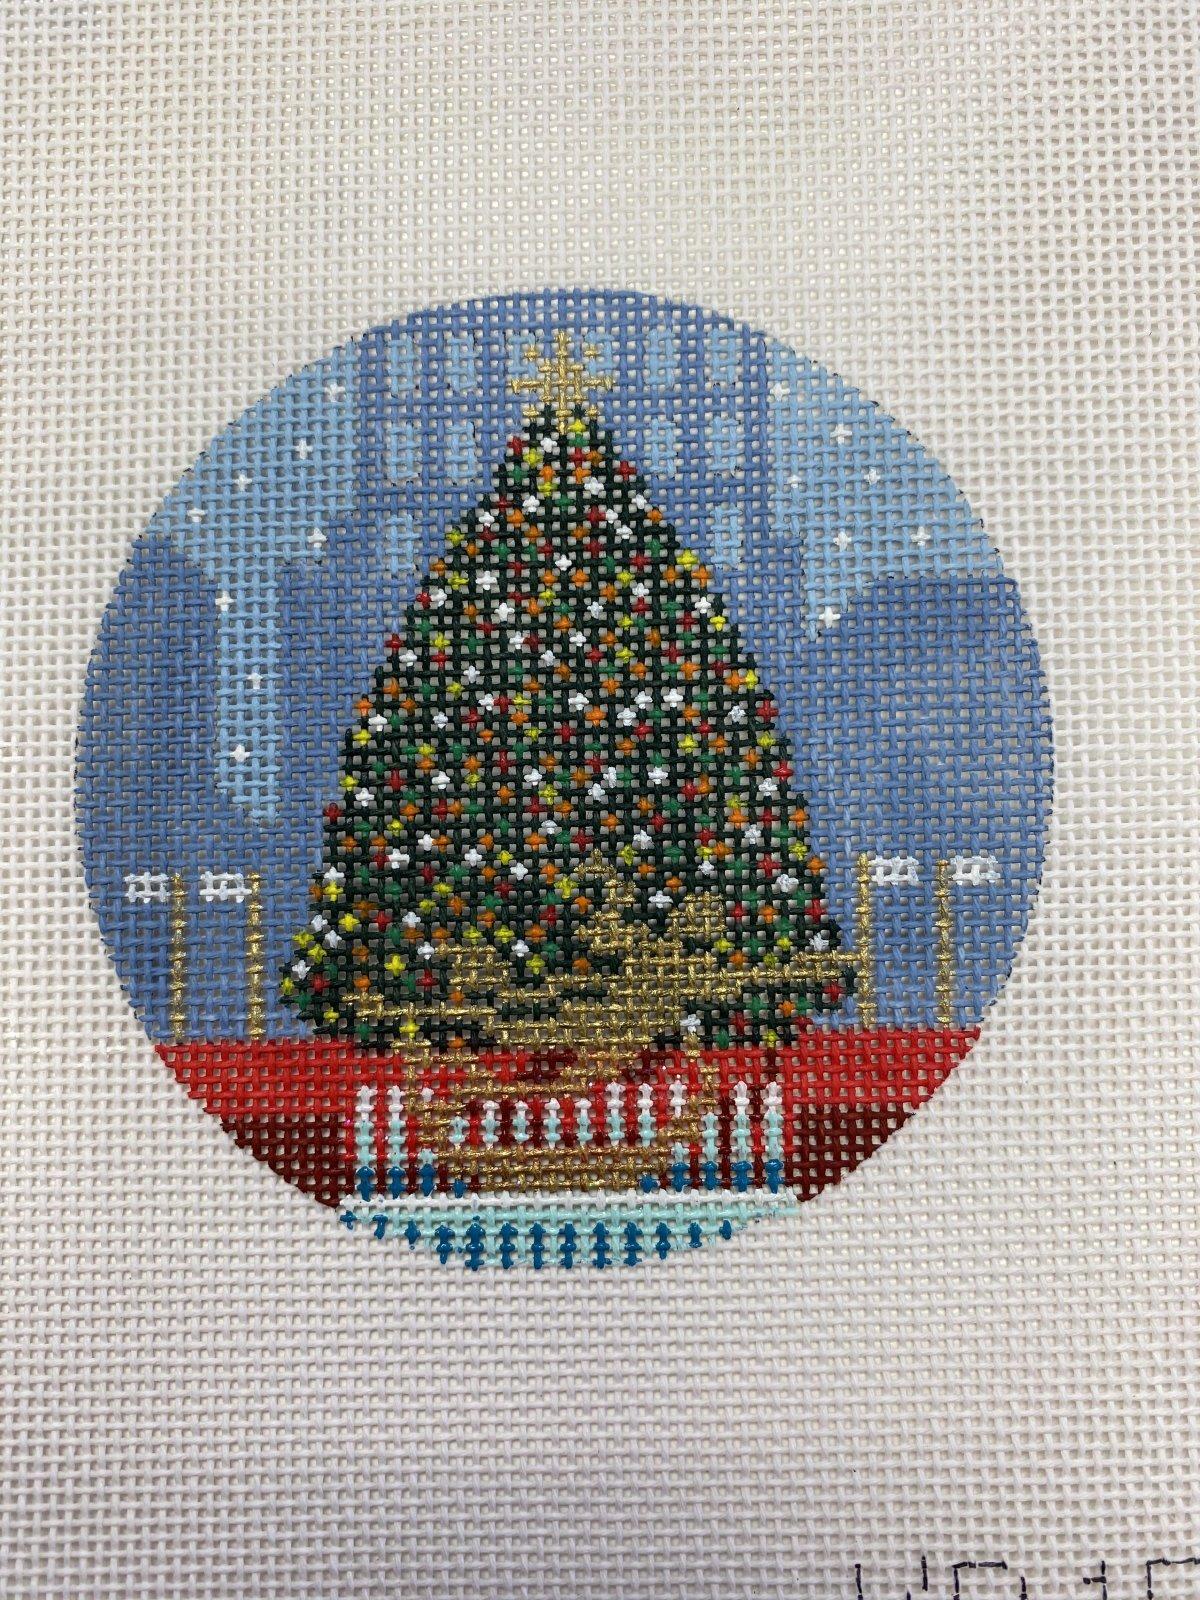 New York Holiday - Rockefeller Center